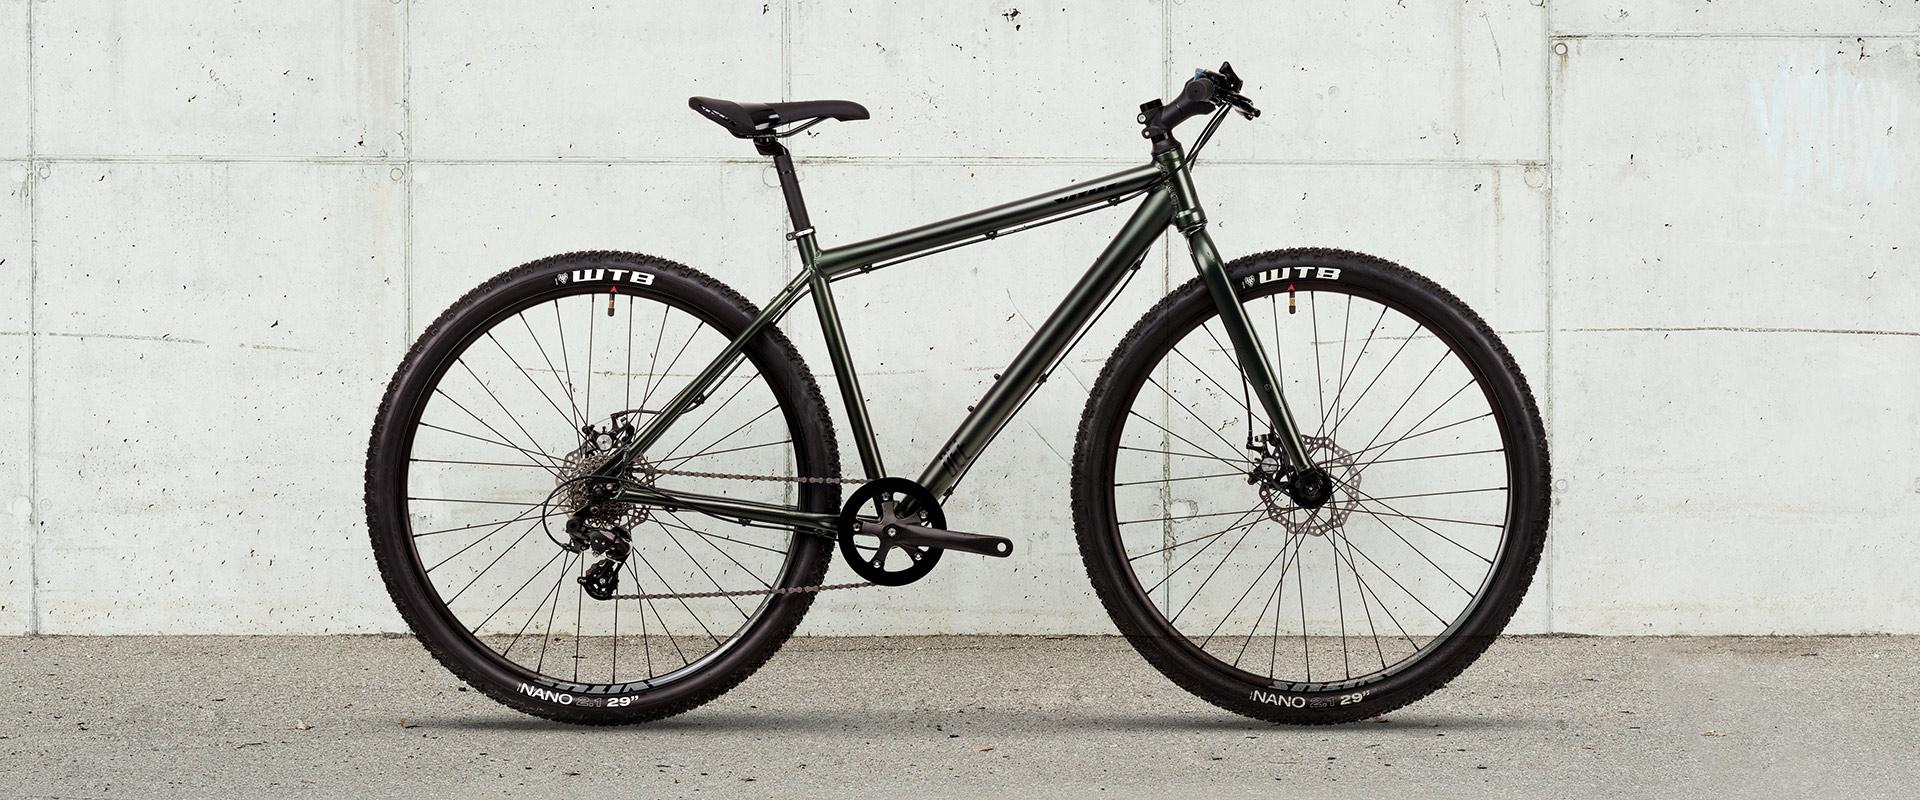 Dee 29 VR City Bike Nexus